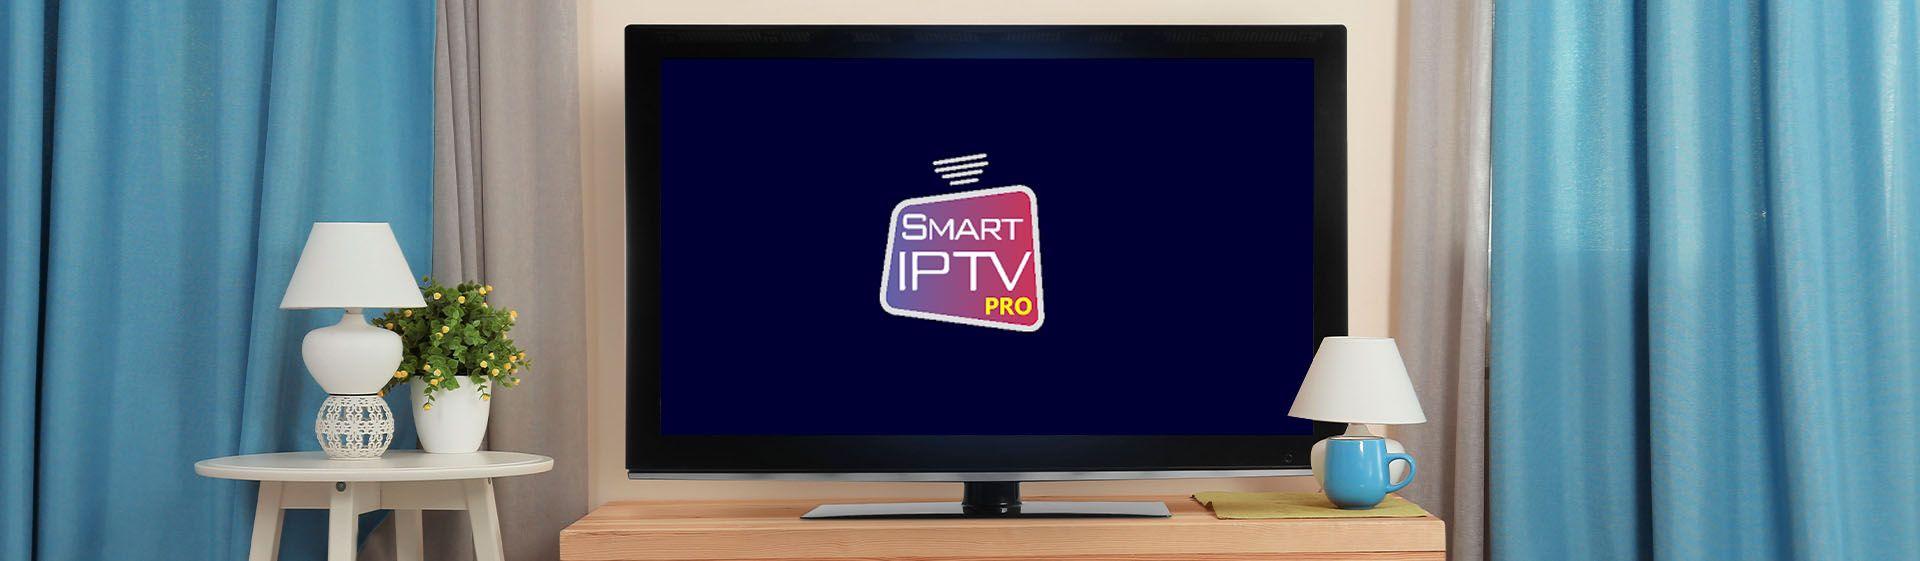 Smart IPTV: o que é? Como funciona? Saiba mais sobre esse aplicativo